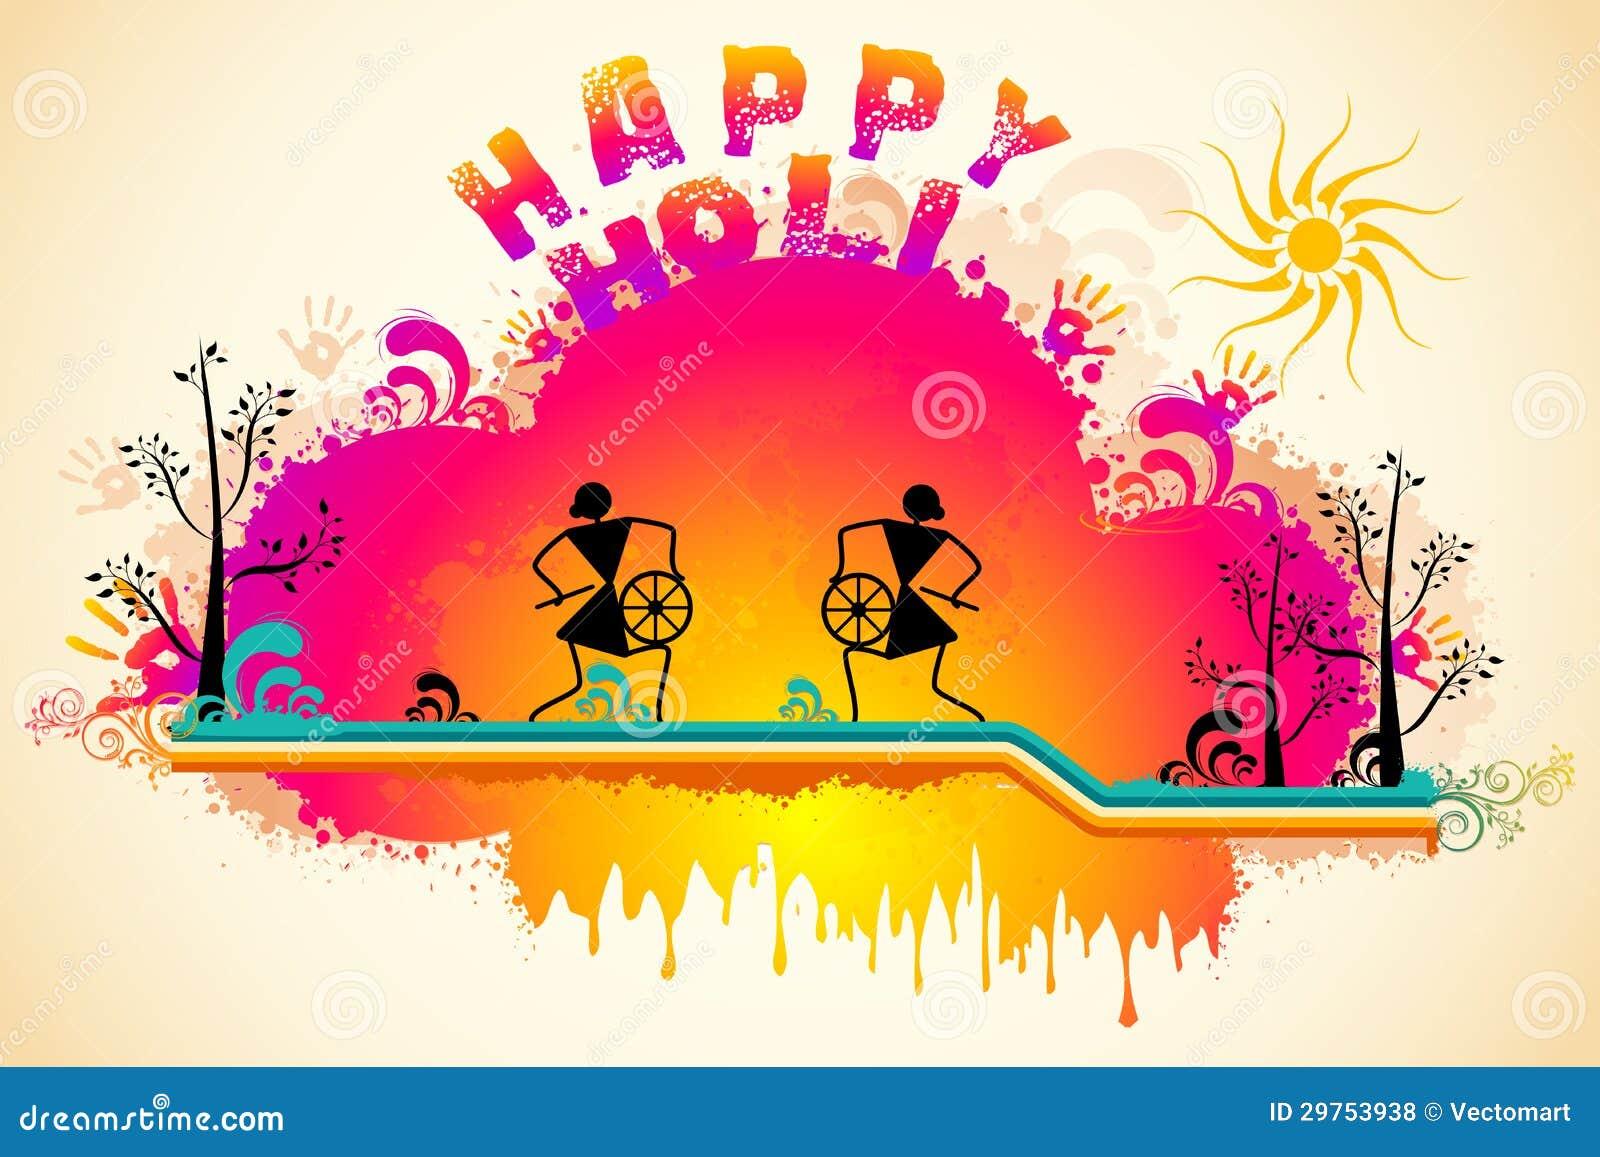 Holi Background Royalty Free Stock Photos - Image: 29753938